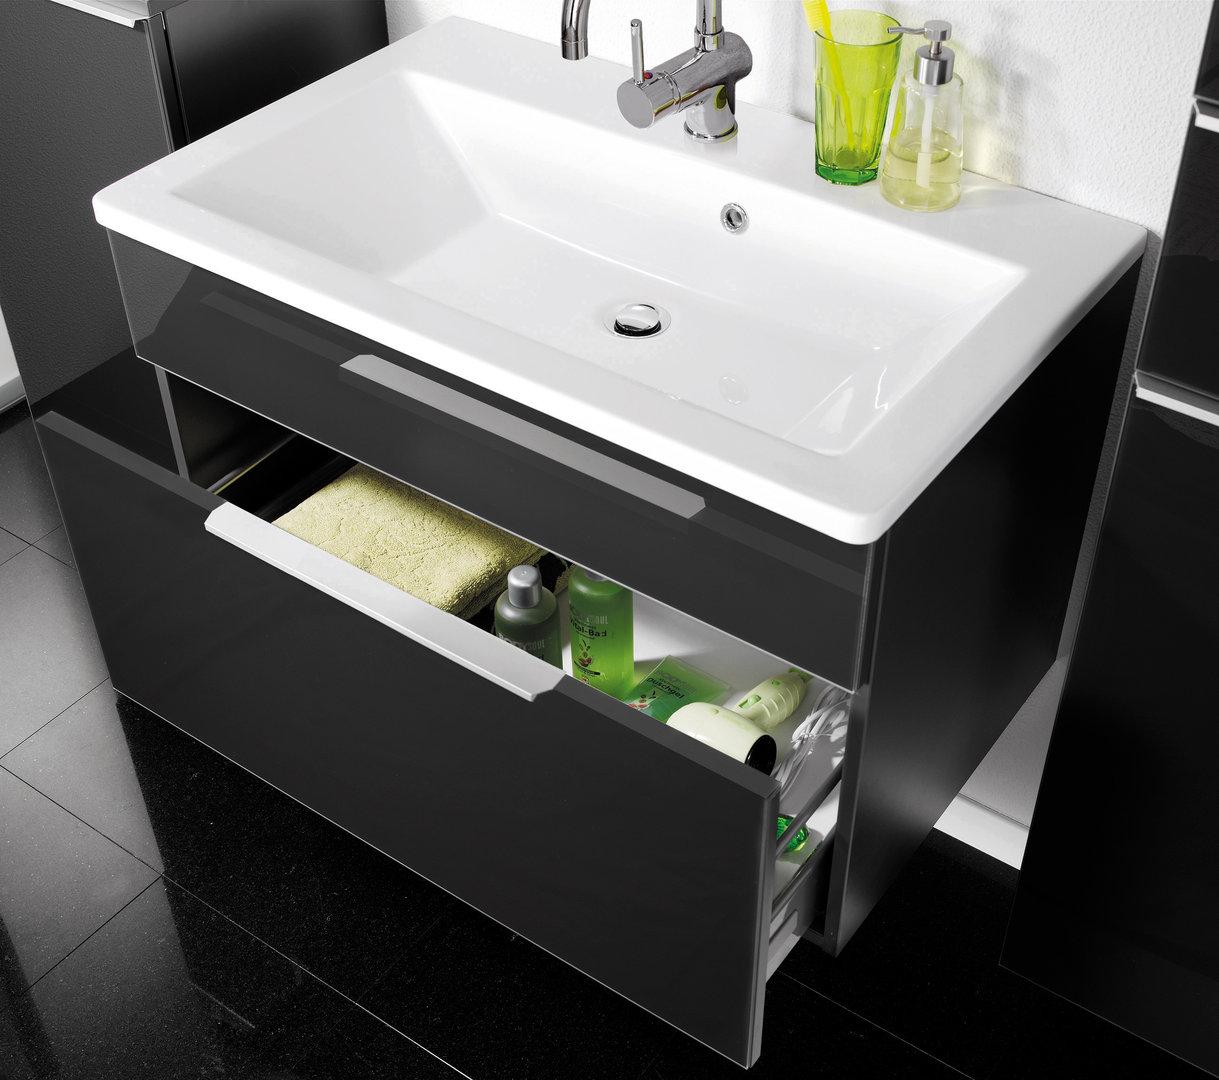 fackelmann domino waschtisch aus gussmarmor farbe wei 80 cm. Black Bedroom Furniture Sets. Home Design Ideas